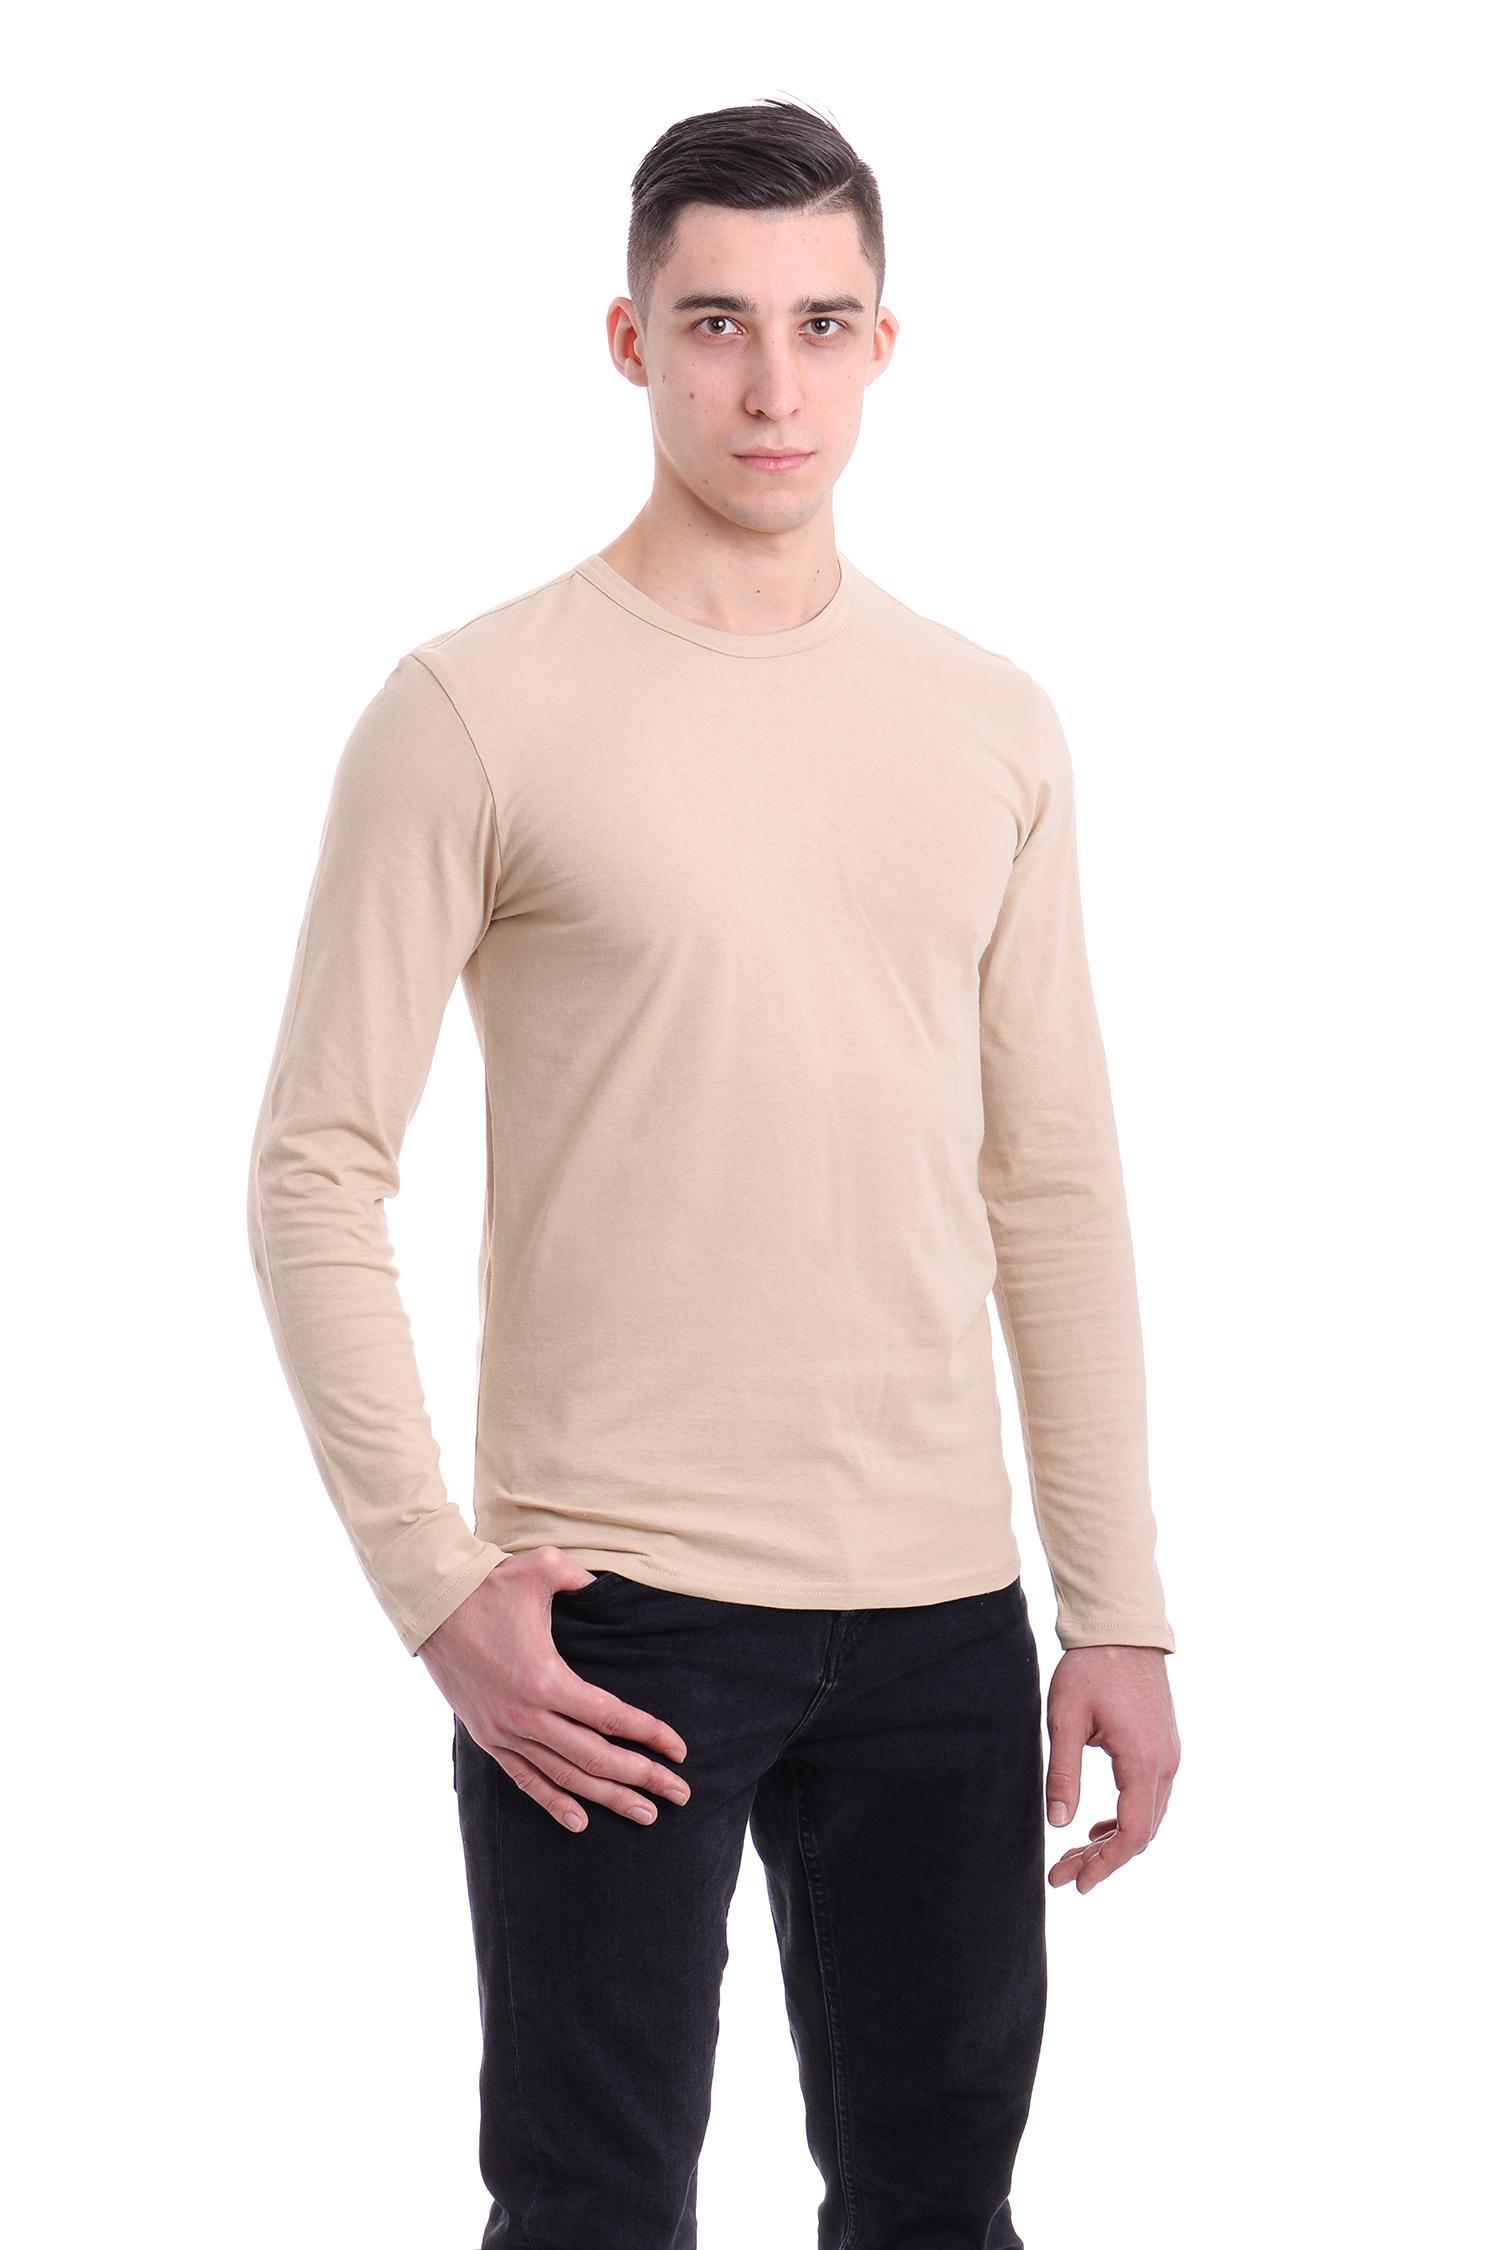 Купить футболку с длинным рукавом бежевую оптом и в розницу - AndreStar 90d62b40ac403